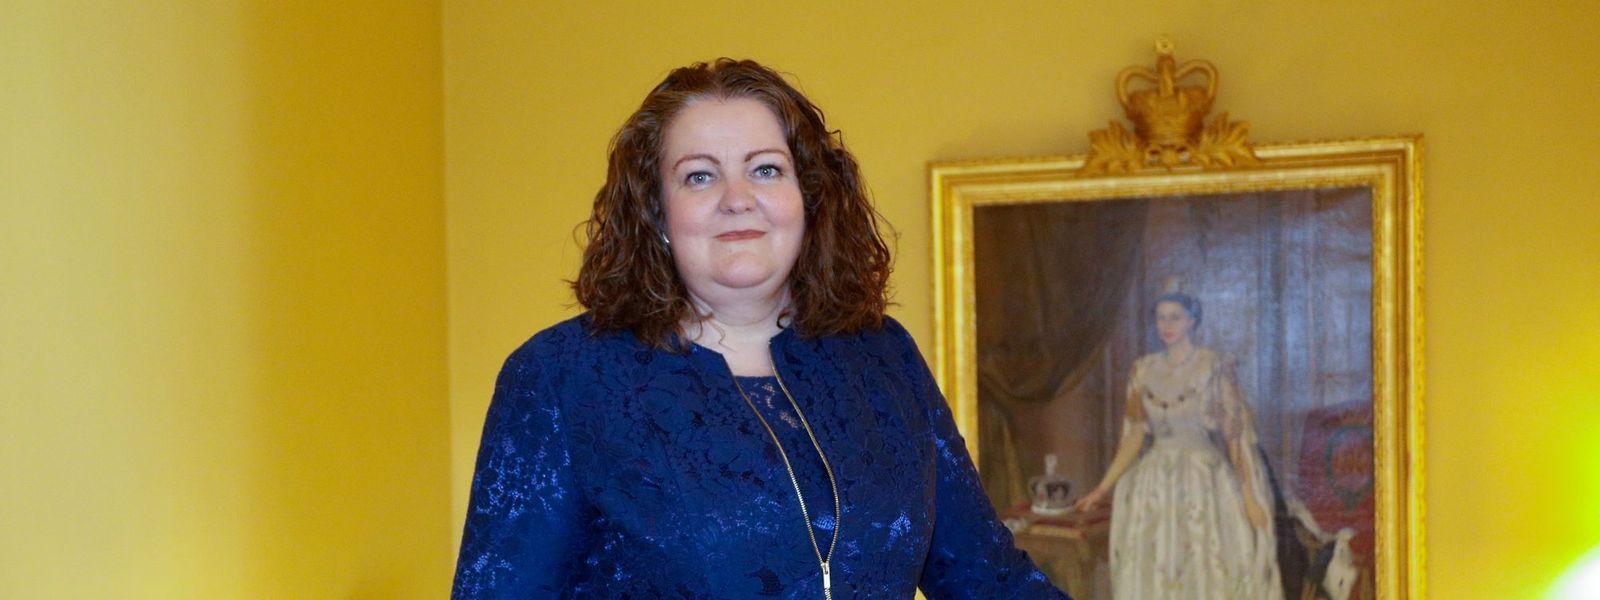 Die neue britische Botschafterin Fleur Thomas neben dem Porträt von Queen Elizabeth II.